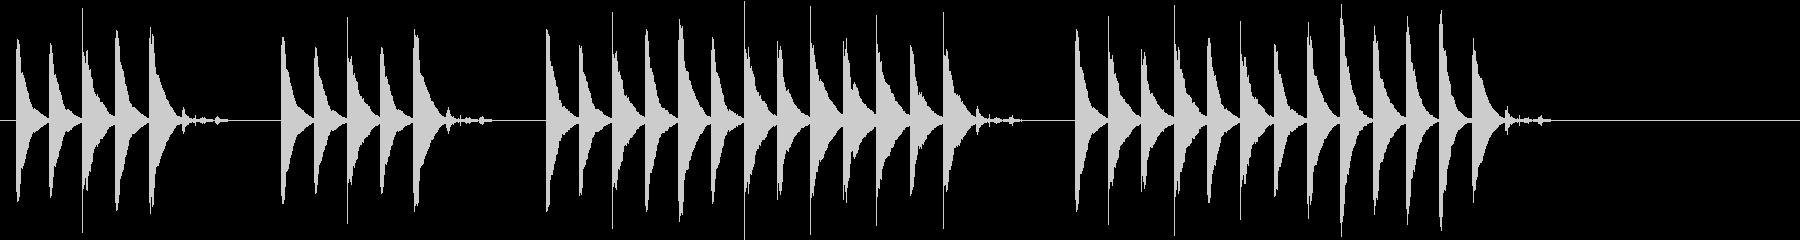 ほのぼのとした雰囲気の短いジングルの未再生の波形